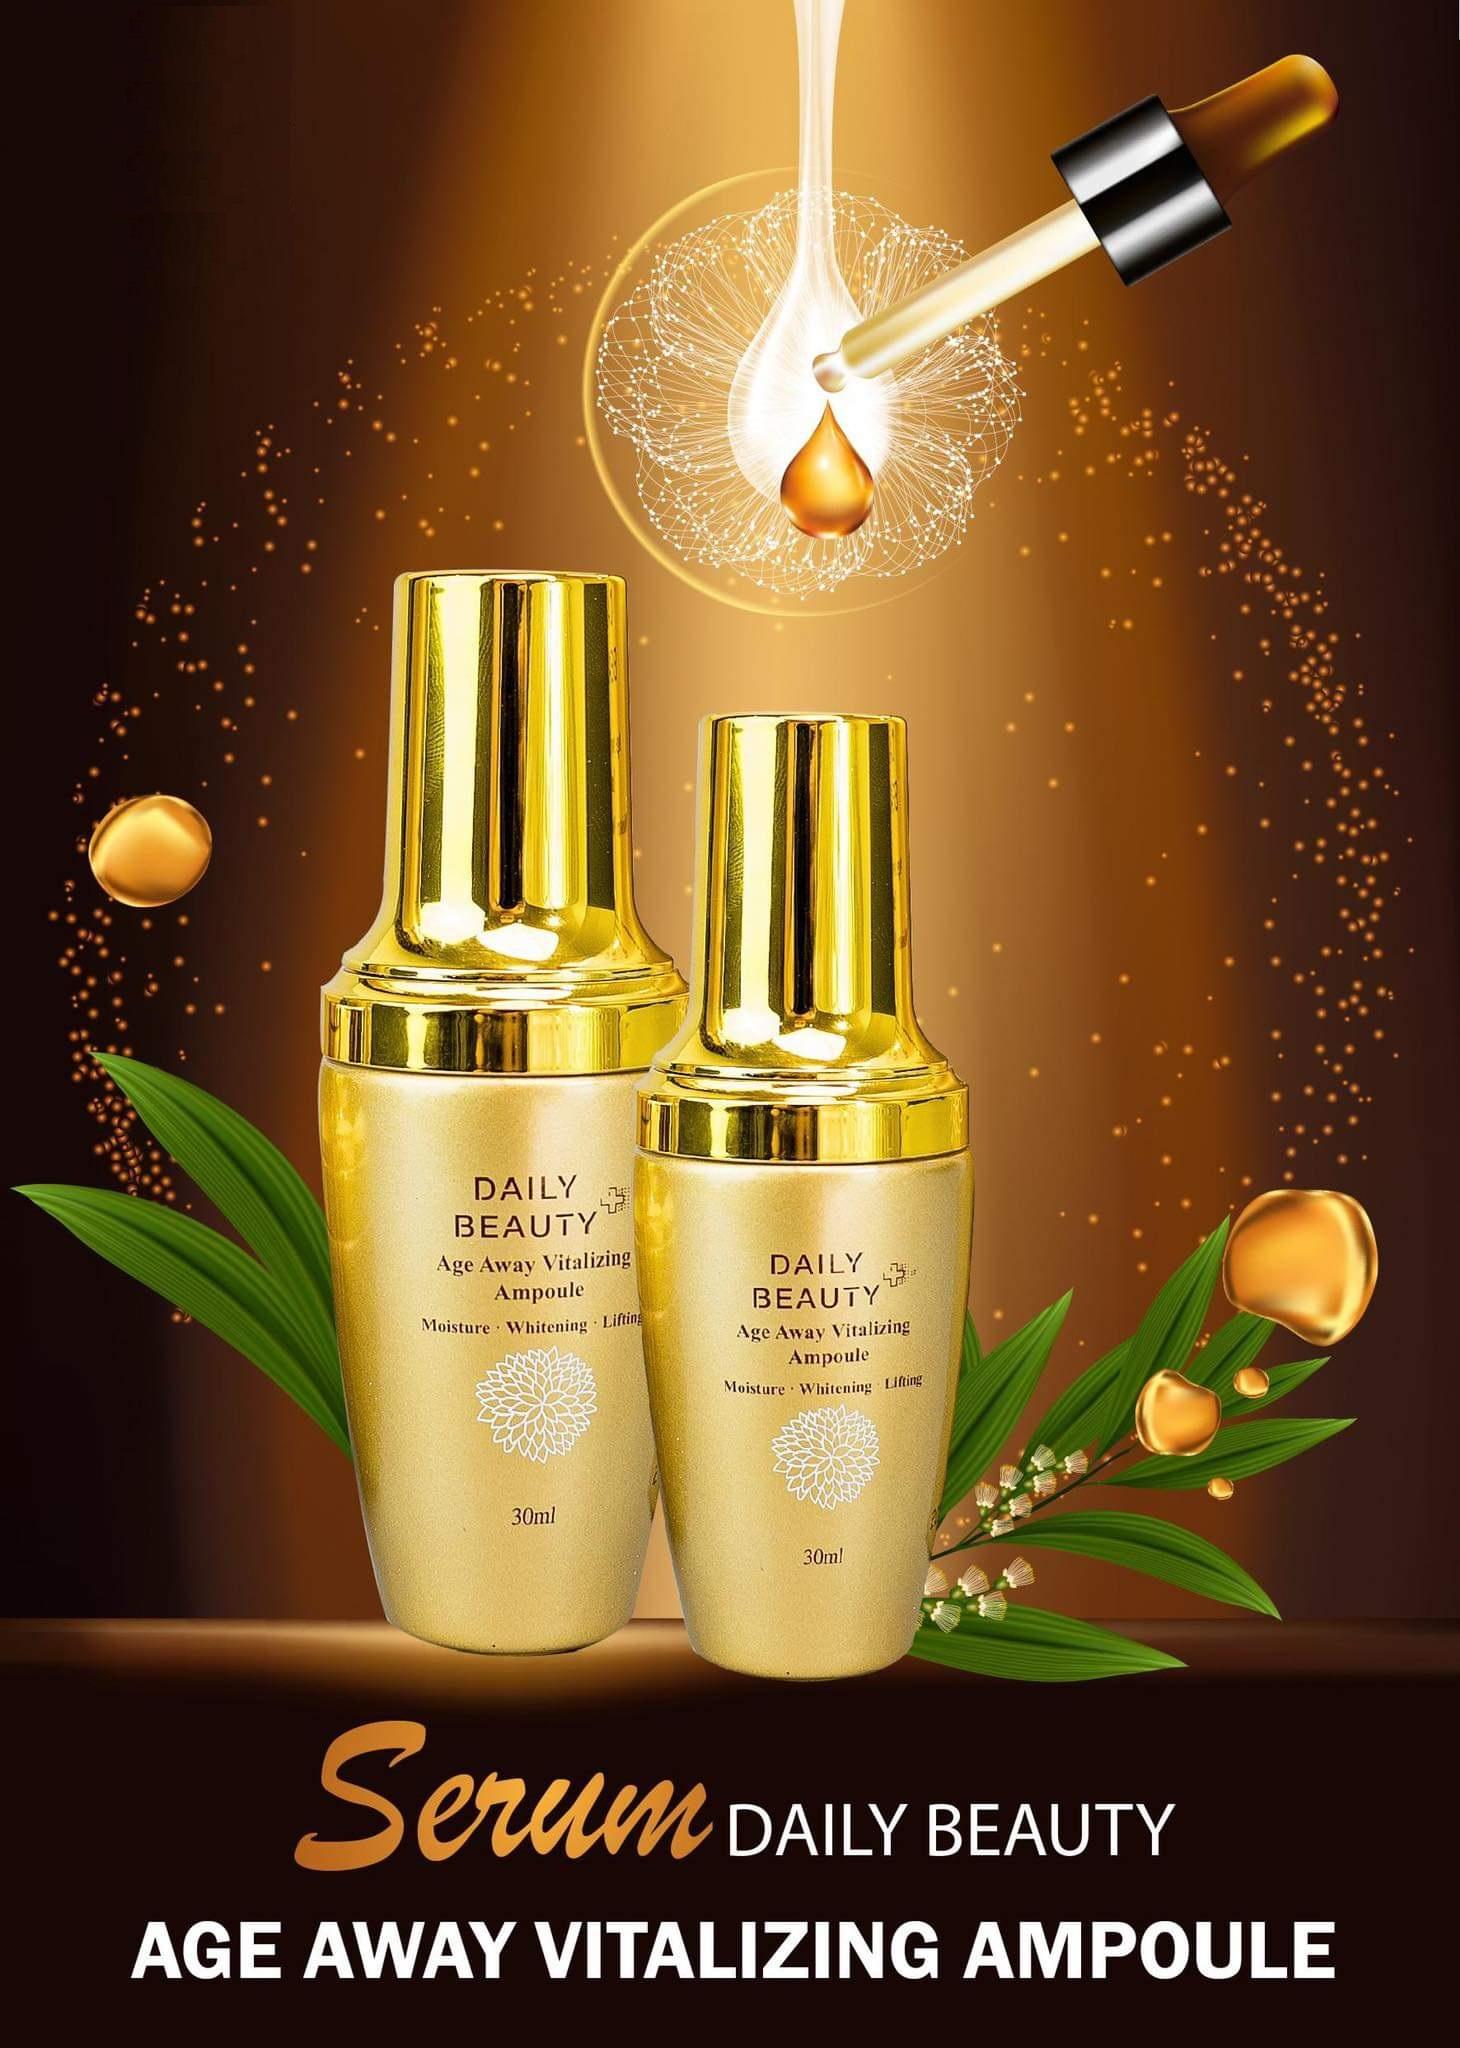 Combo 5 sản phẩm Daily Beauty Re:Excell gồm Tẩy trang, Nước hoa hồng, Gel mụn, Serum, Kem dưỡng ban đêm